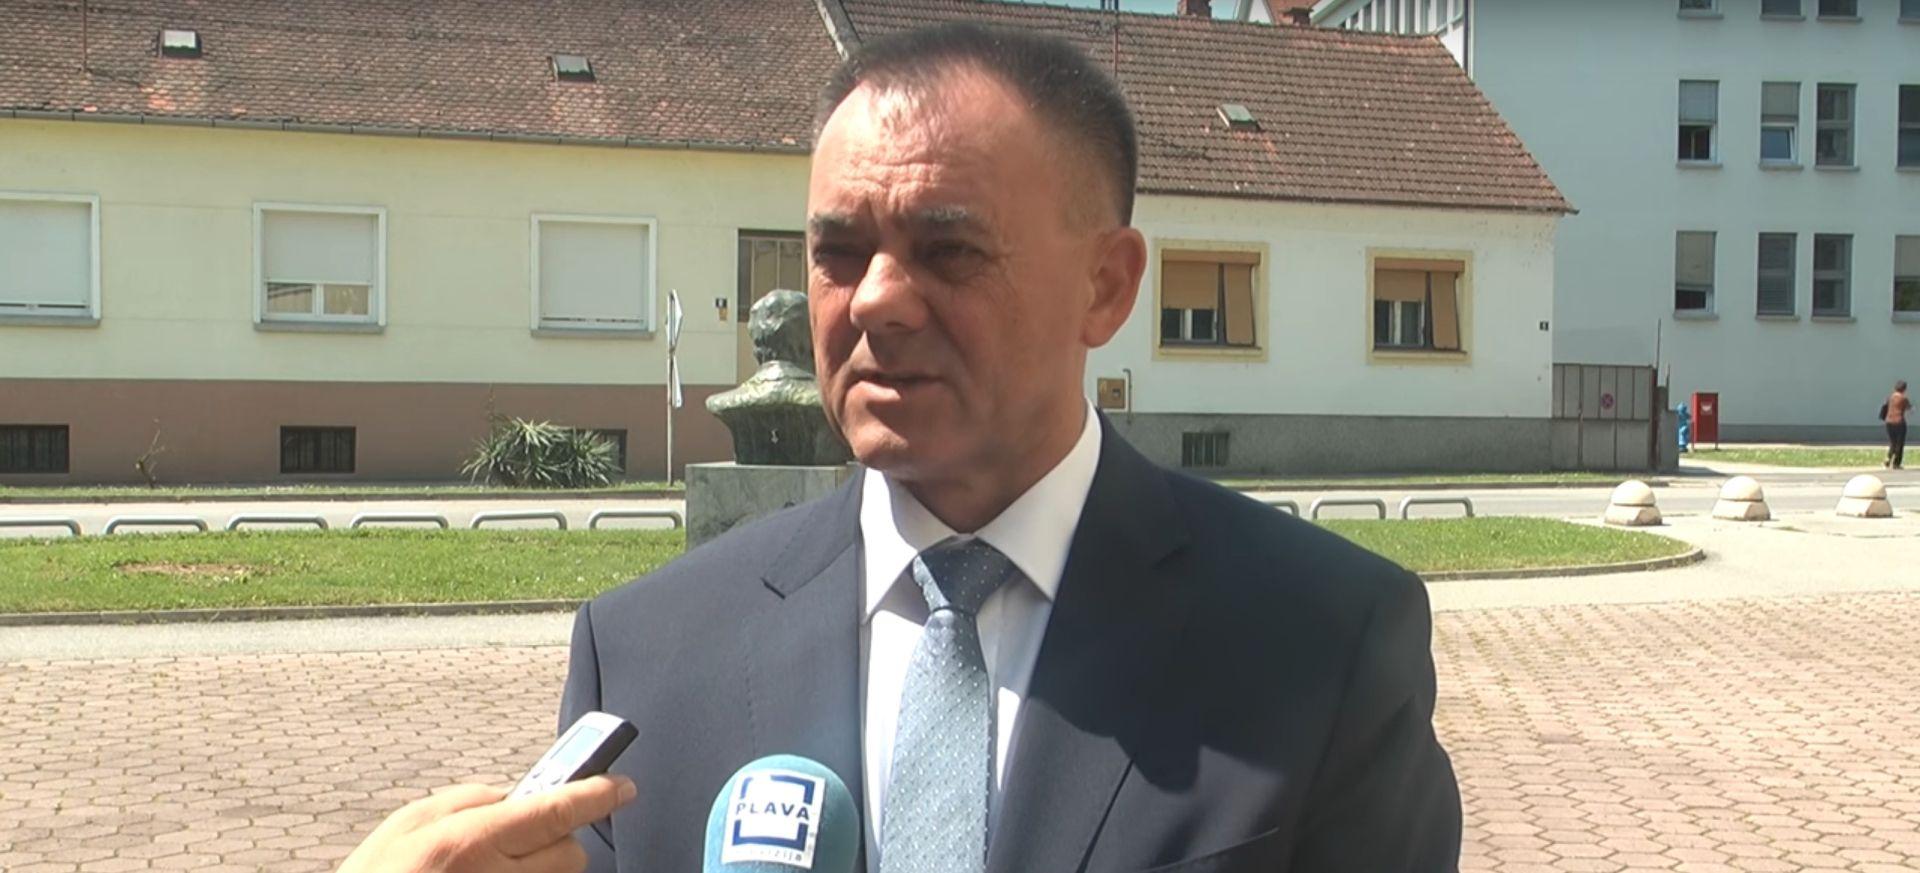 Optužno vijeće o optužnici protiv Tomaševića do kraja siječnja